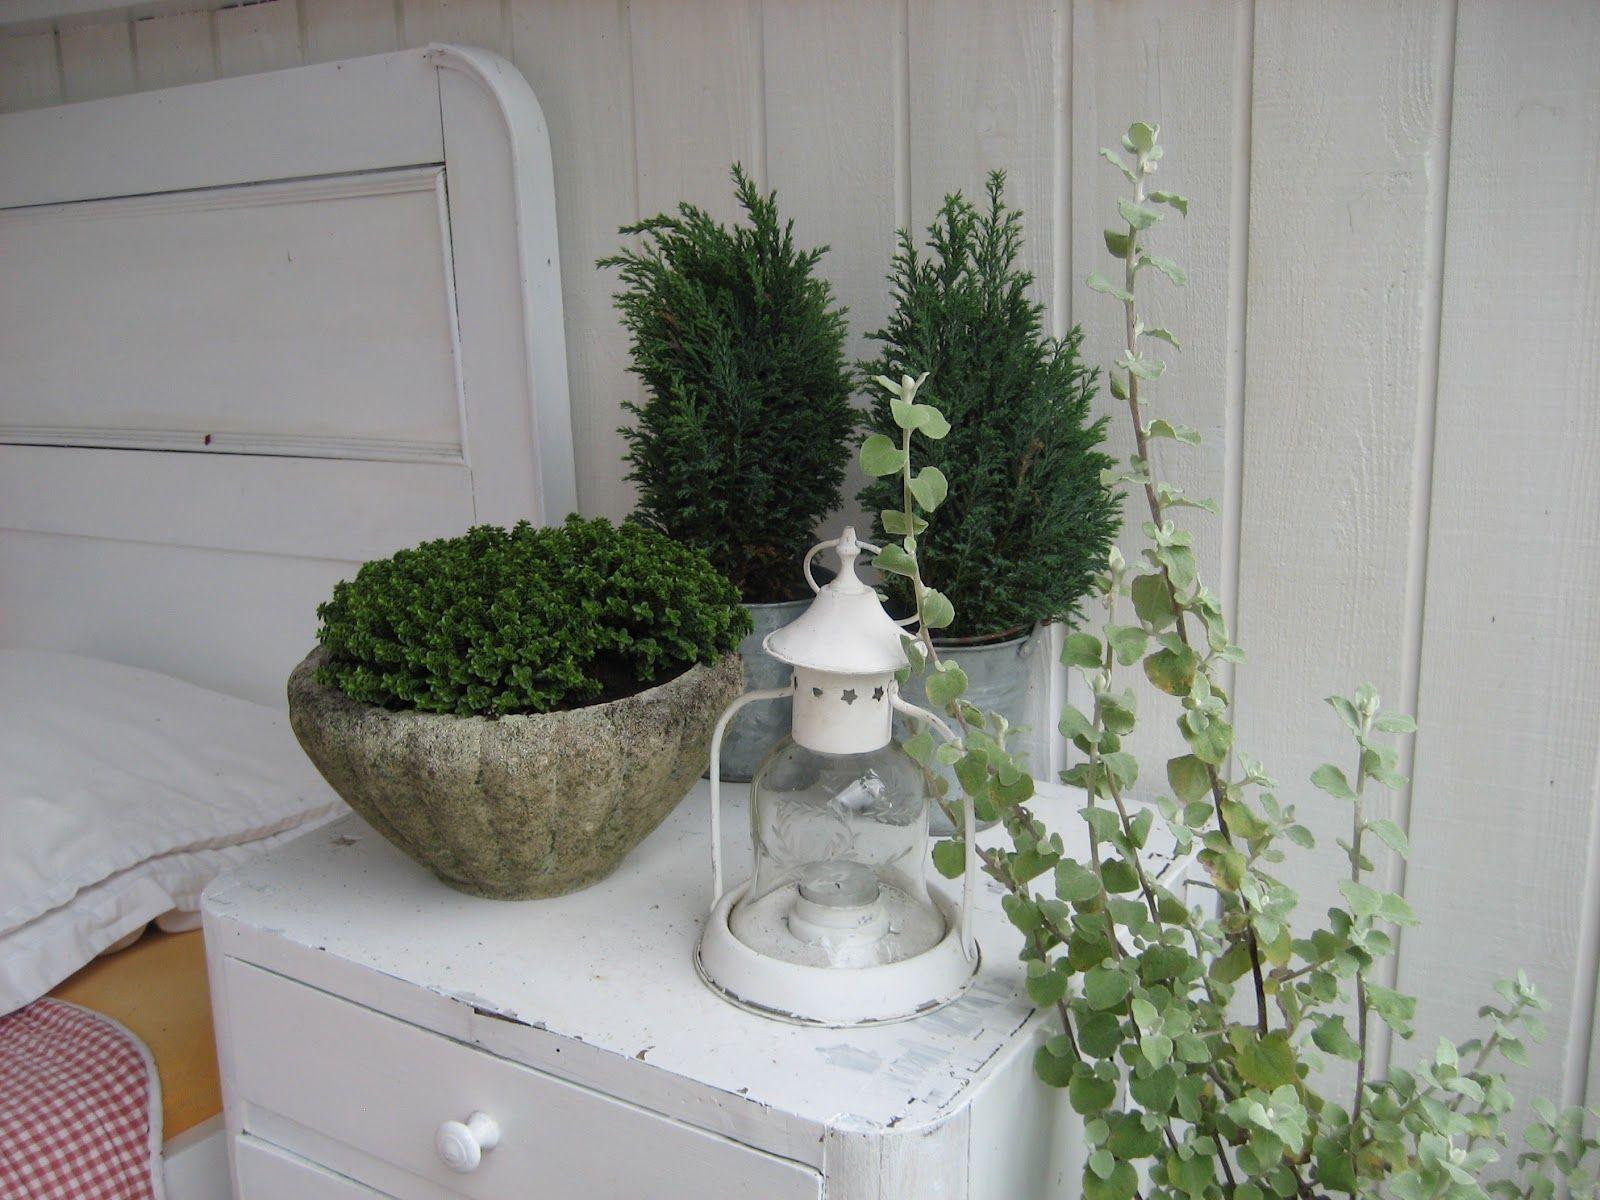 Mrs. Pedersen's garden: October 2012